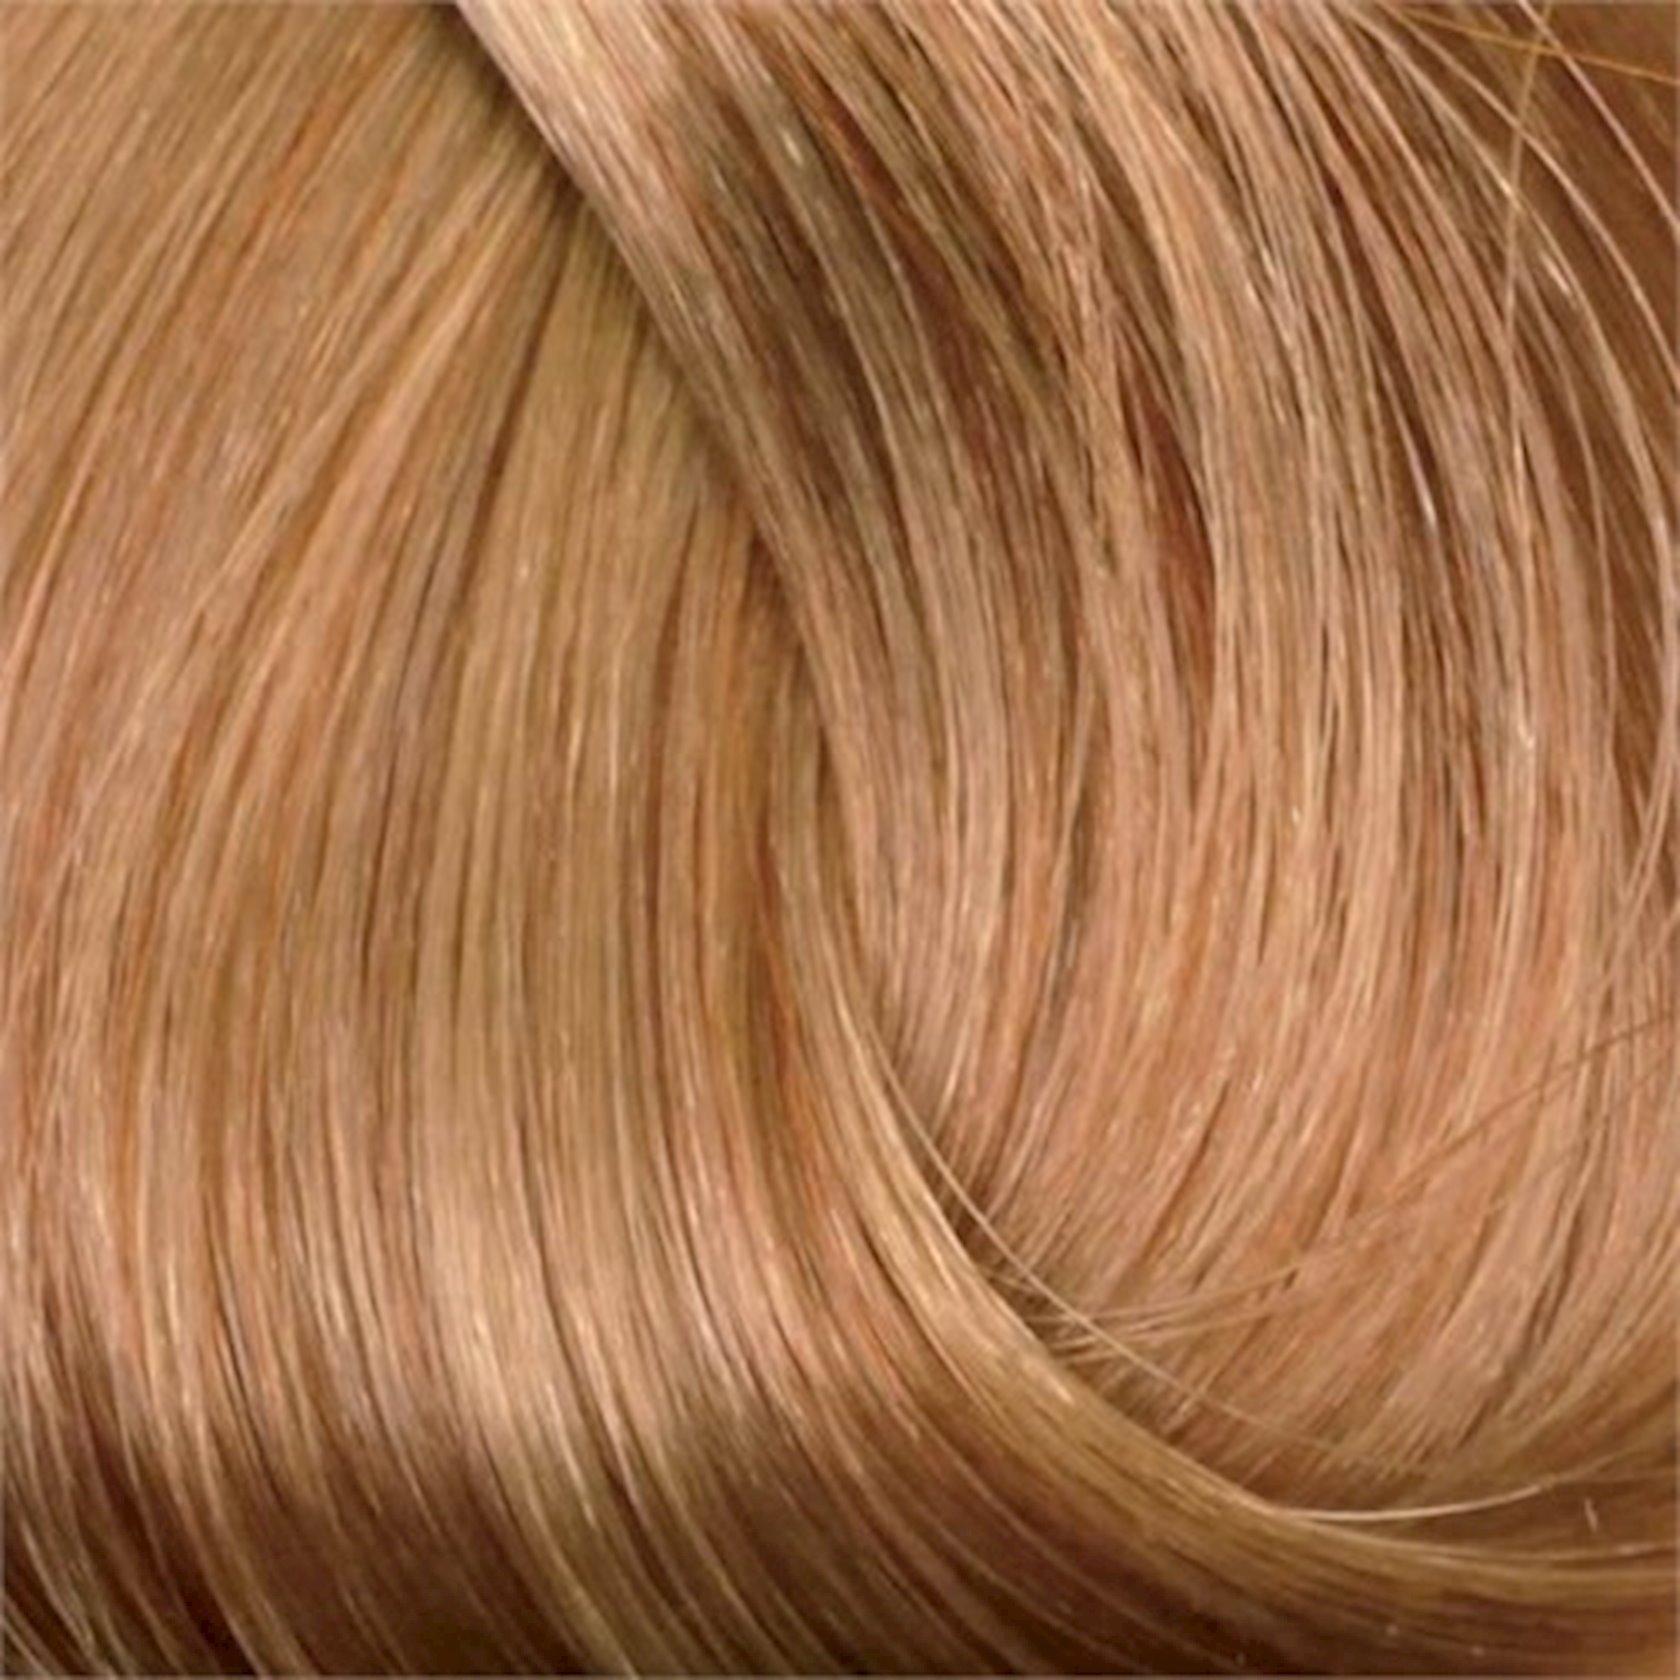 Saç üçün qalıcı krem boya Exicolor Permanent Hair Color Cream 100 ml №8.73 Açık Kumral, Açıq şabalıdı